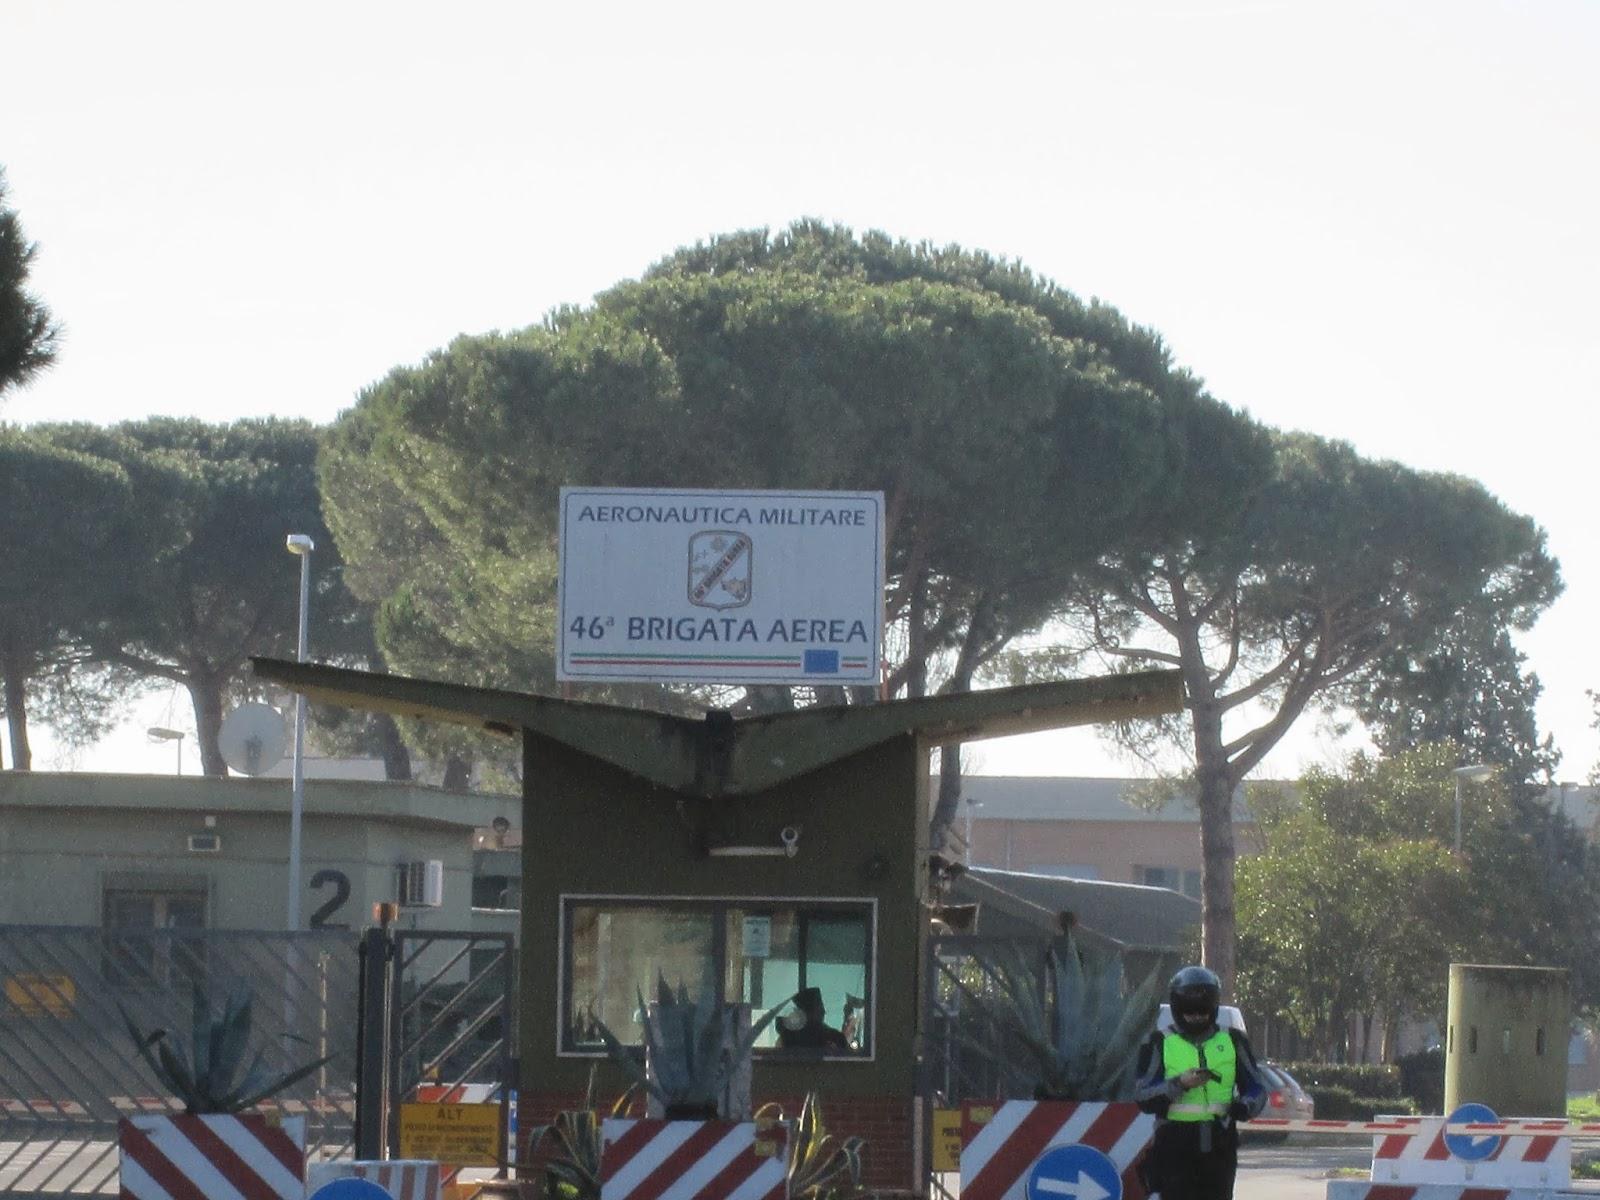 Aeroporto Pisa : Decollo dall aeroporto di pisa youtube